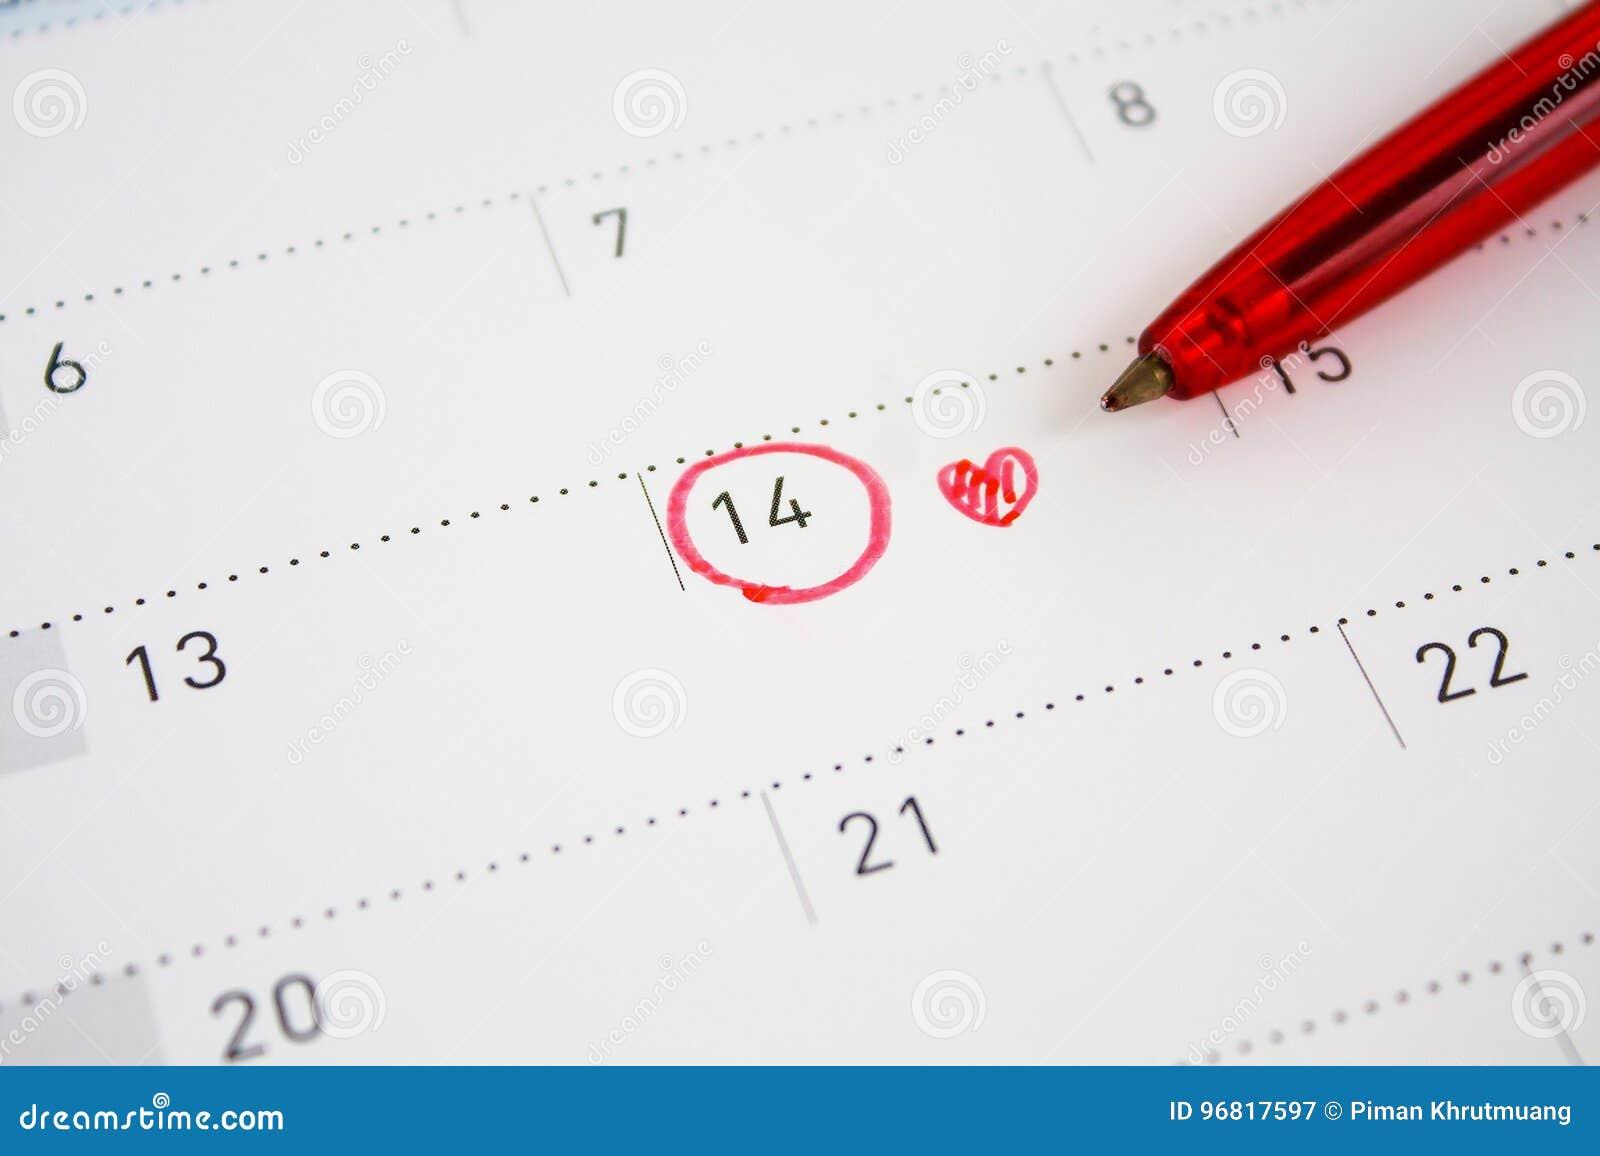 Marca Calendario.14 De Febrero Marca En El Calendario Imagen De Archivo Imagen De